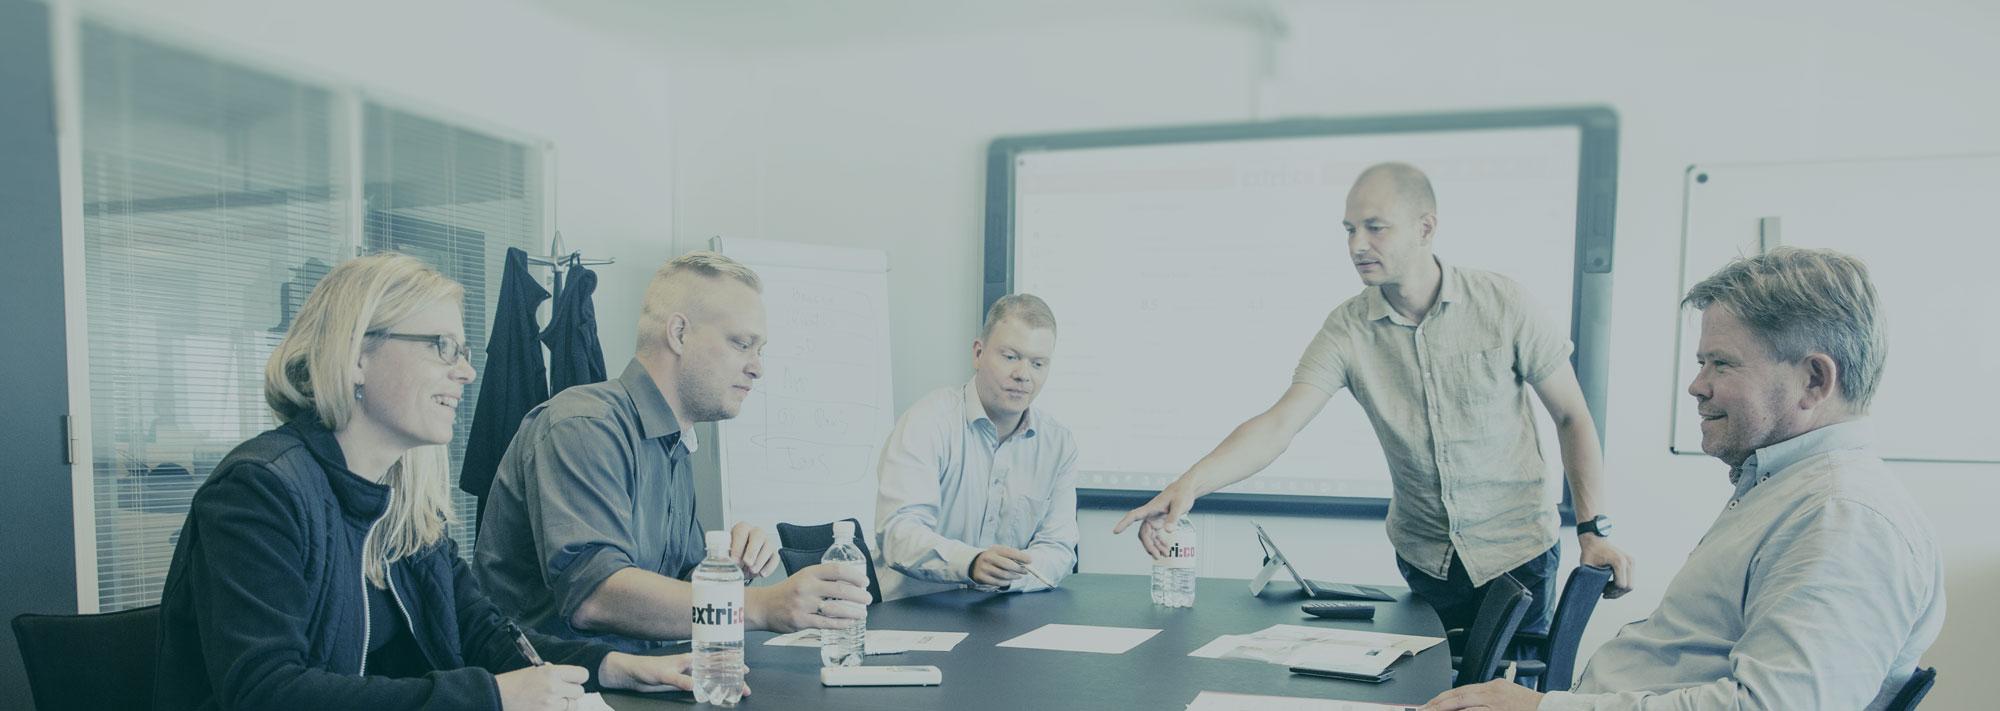 medarbejdere-gennemgår-projekt-i-mødelokale